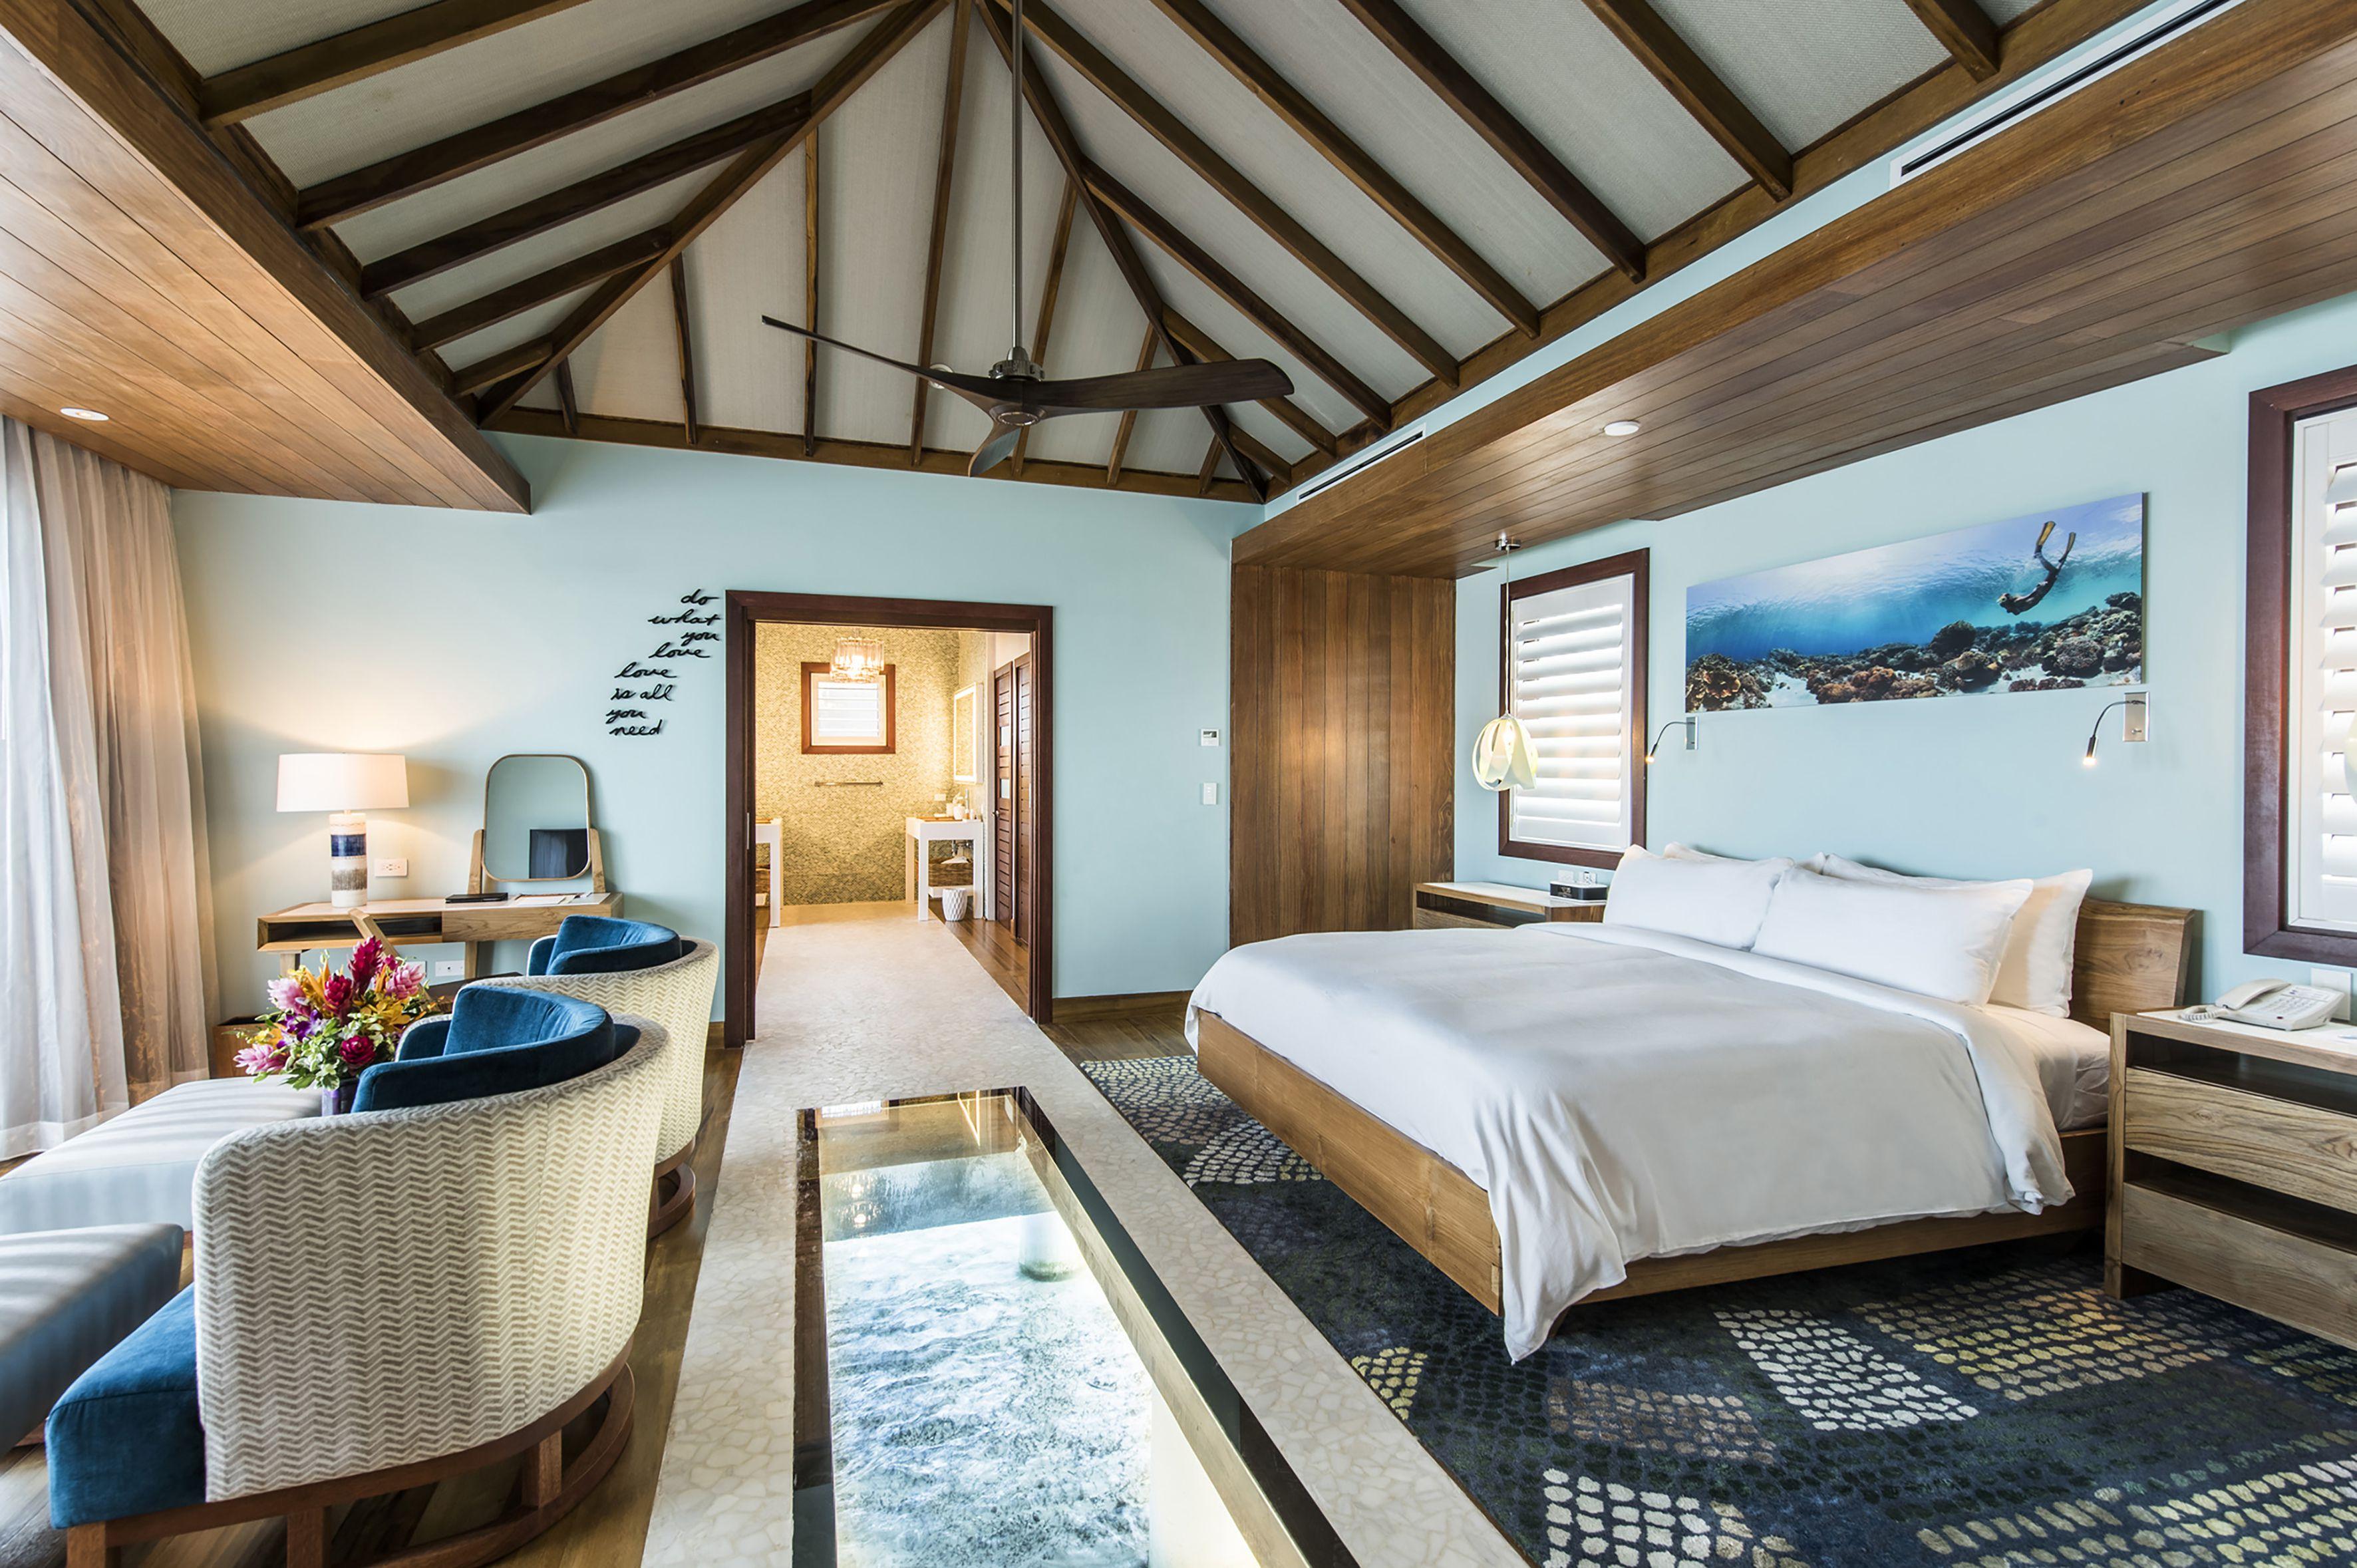 Interior of Sandals Overwater Villa